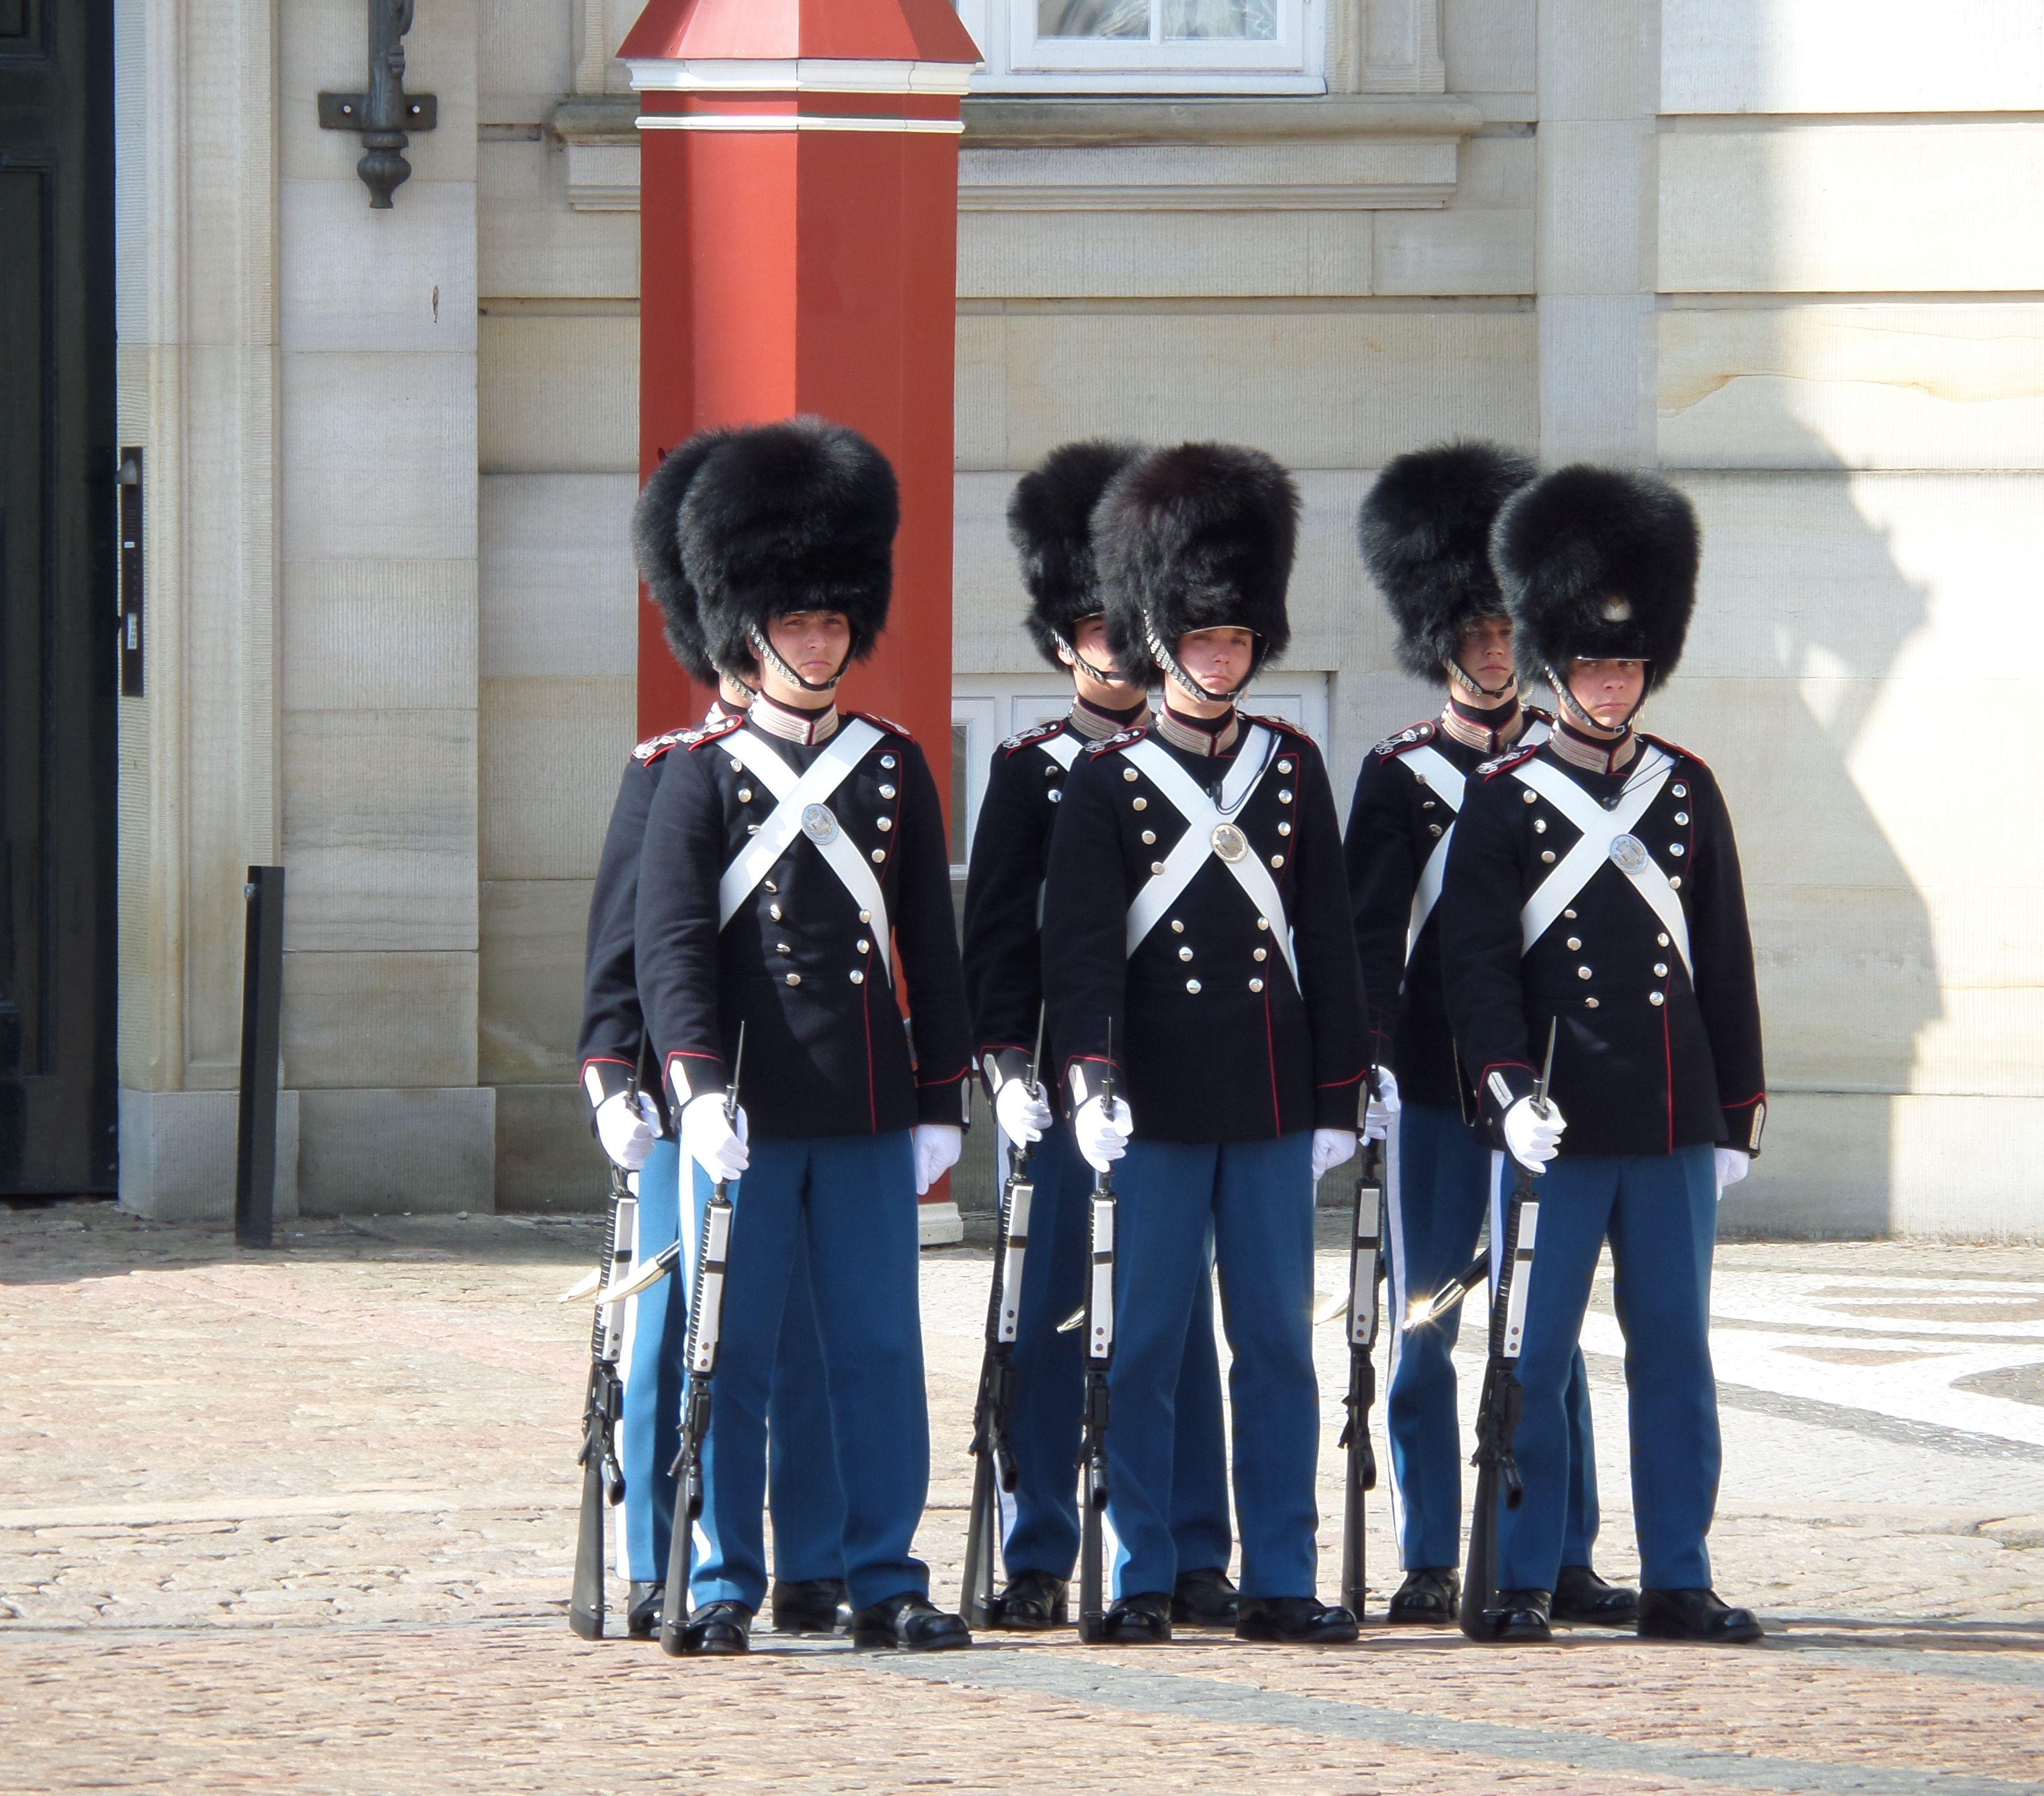 Wachen von schlo amalienborg im d nischen kopenhagen for Kopenhagen interessante orte